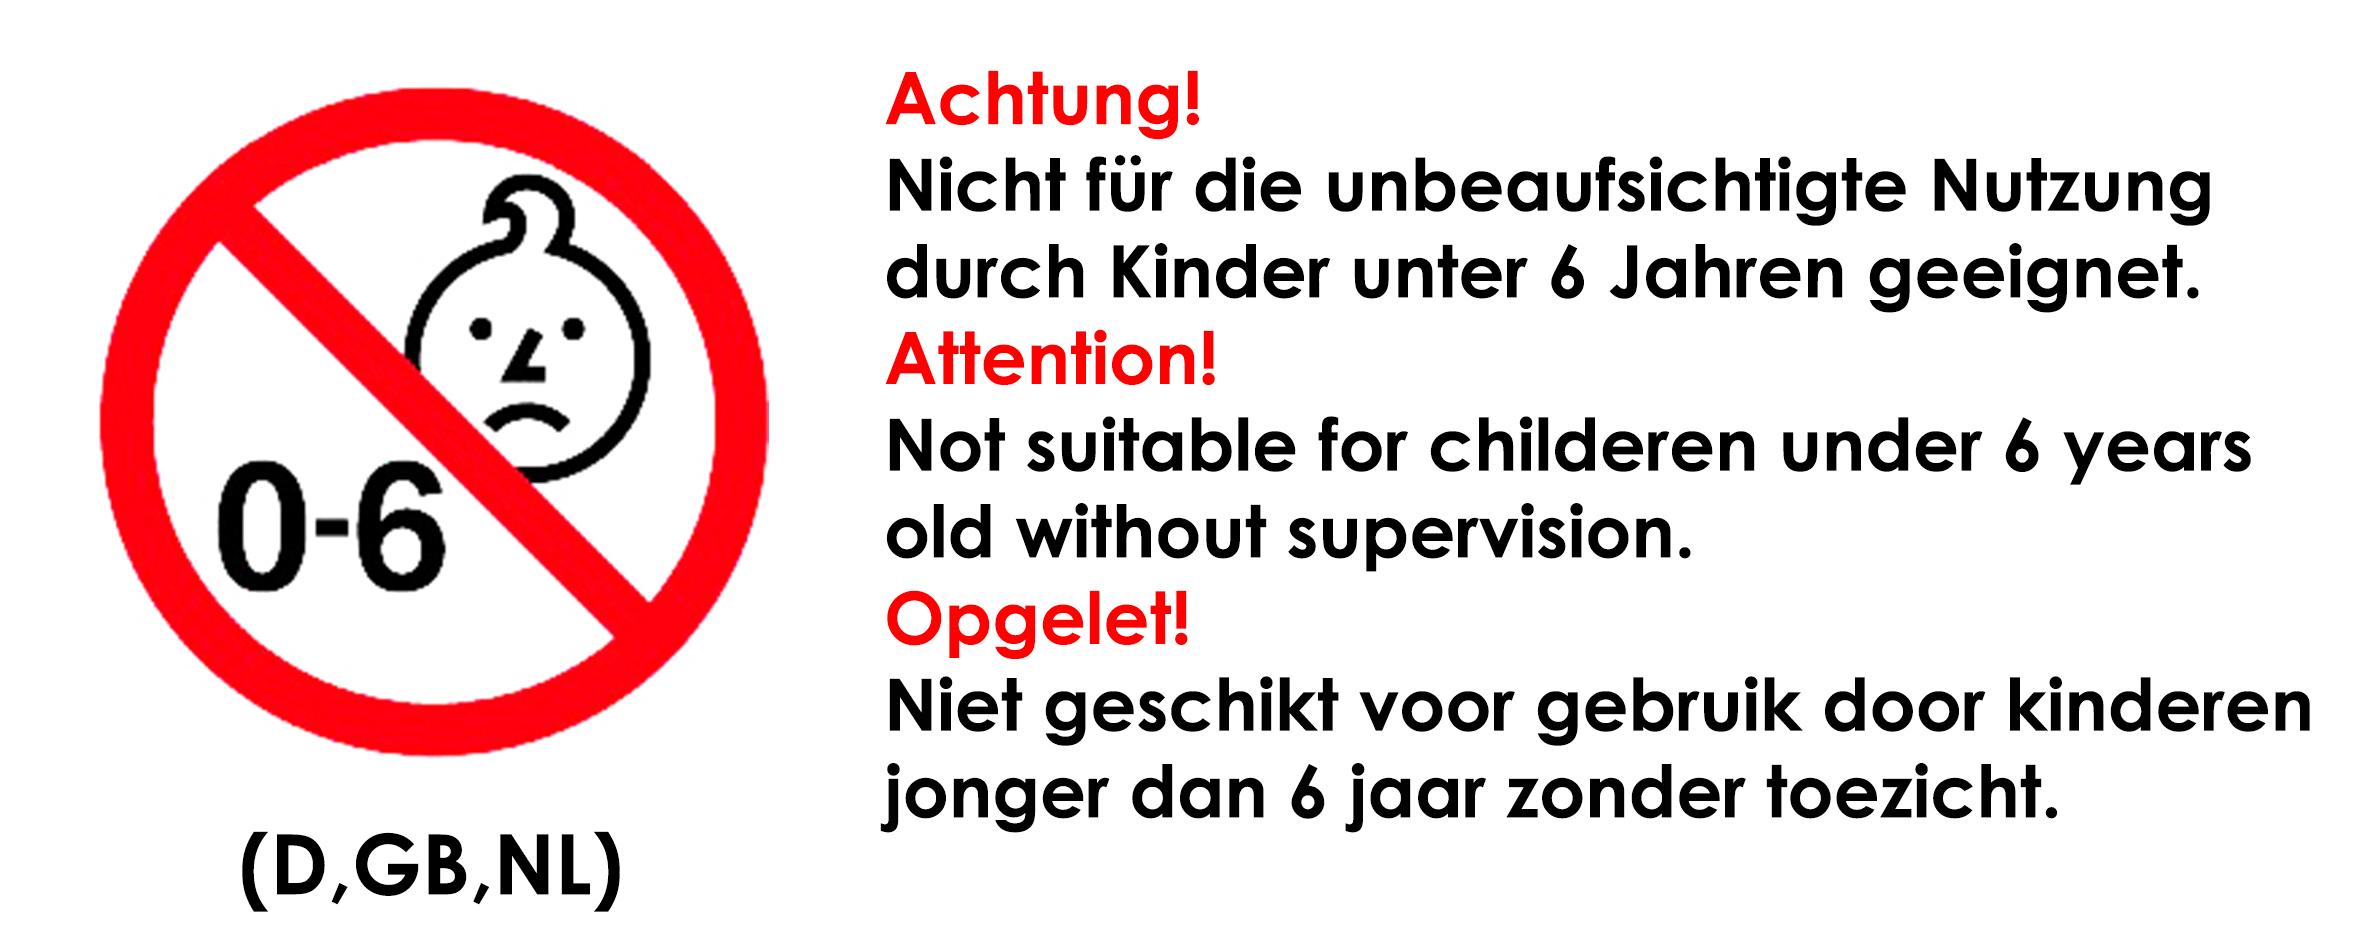 Warning_2016_Hangbed_Uwis